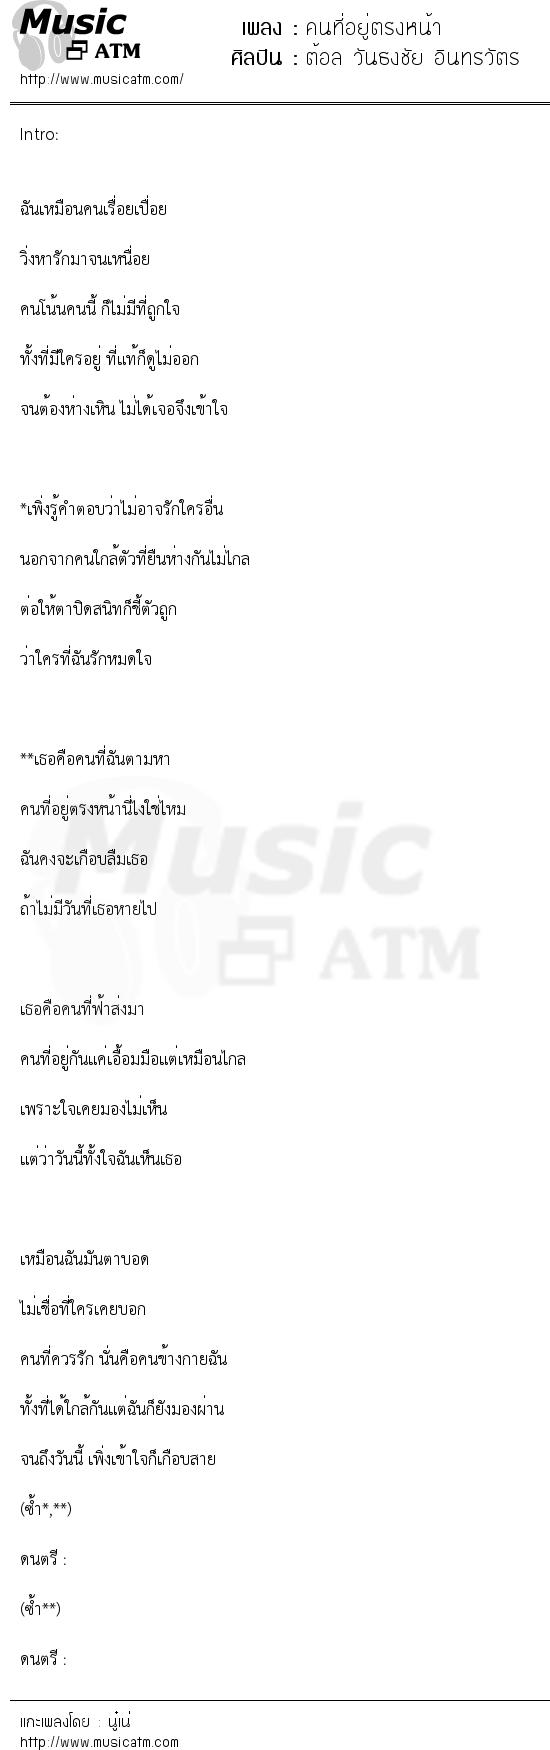 คนที่อยู่ตรงหน้า | เพลงไทย